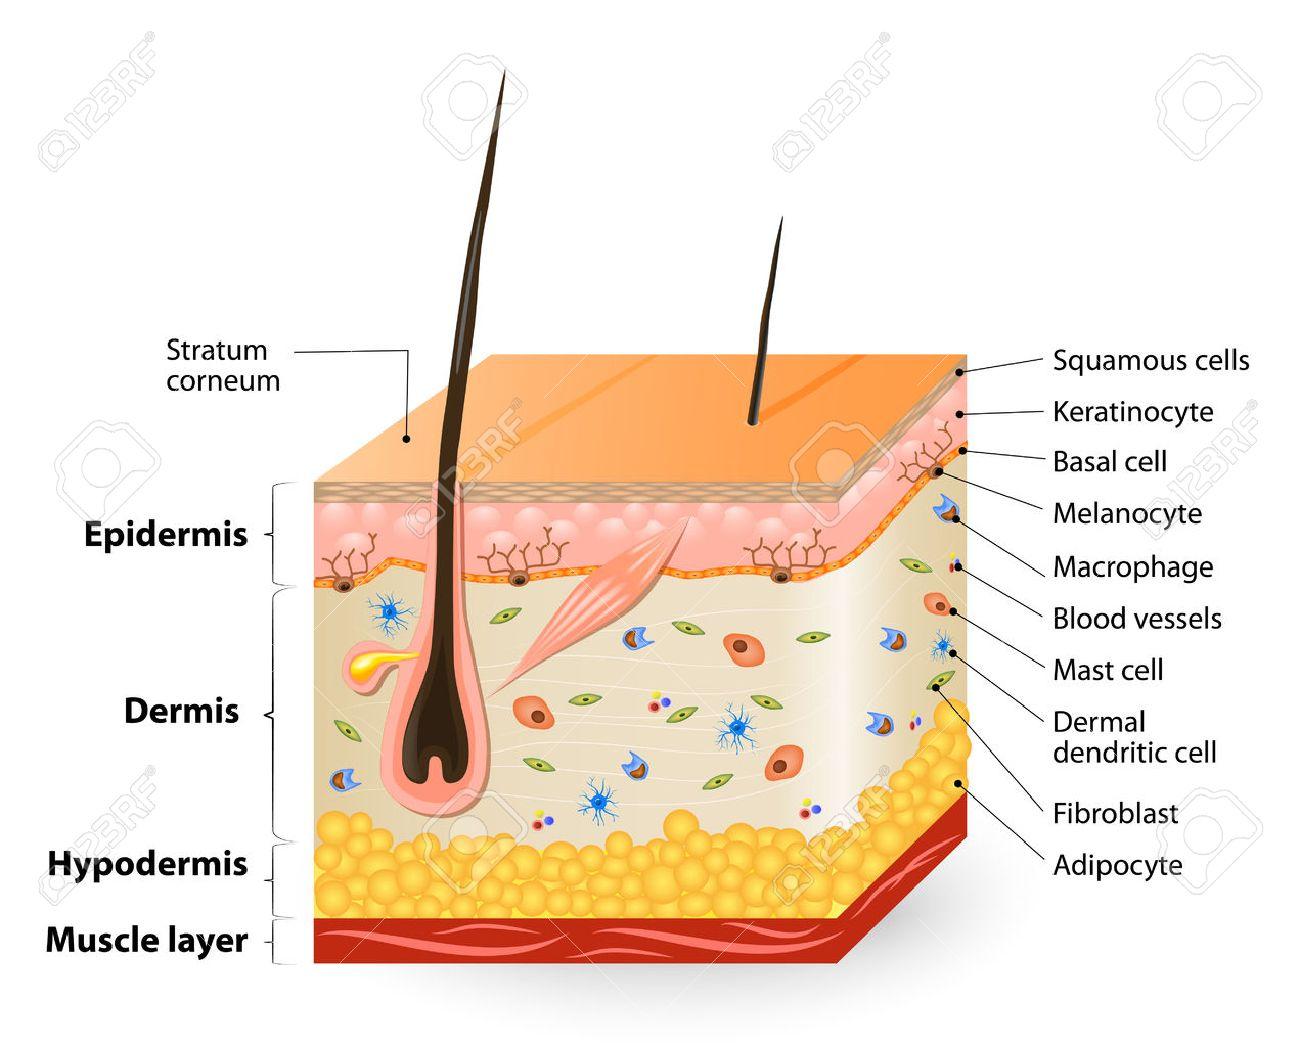 Estructura De La Piel Humana. Diagrama De La Anatomía. Diferentes ...